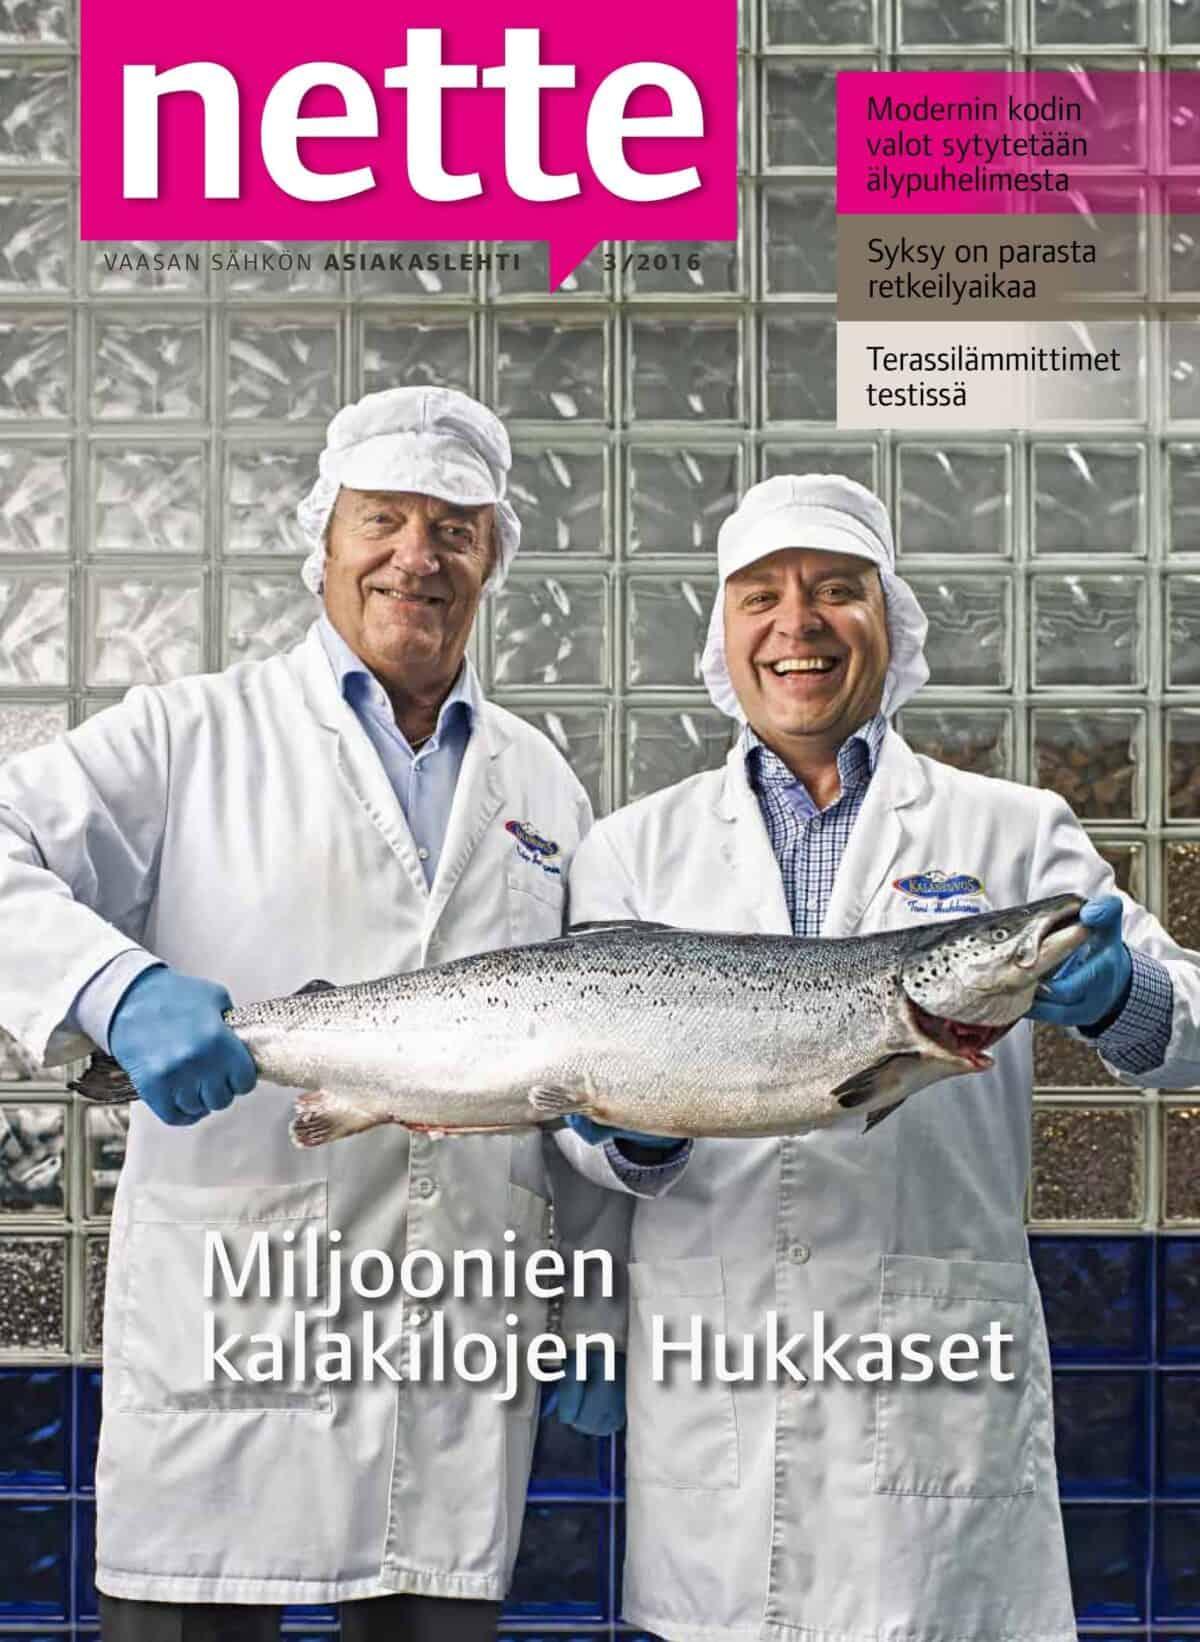 Kalaneuvos V. Hukkanen Oy